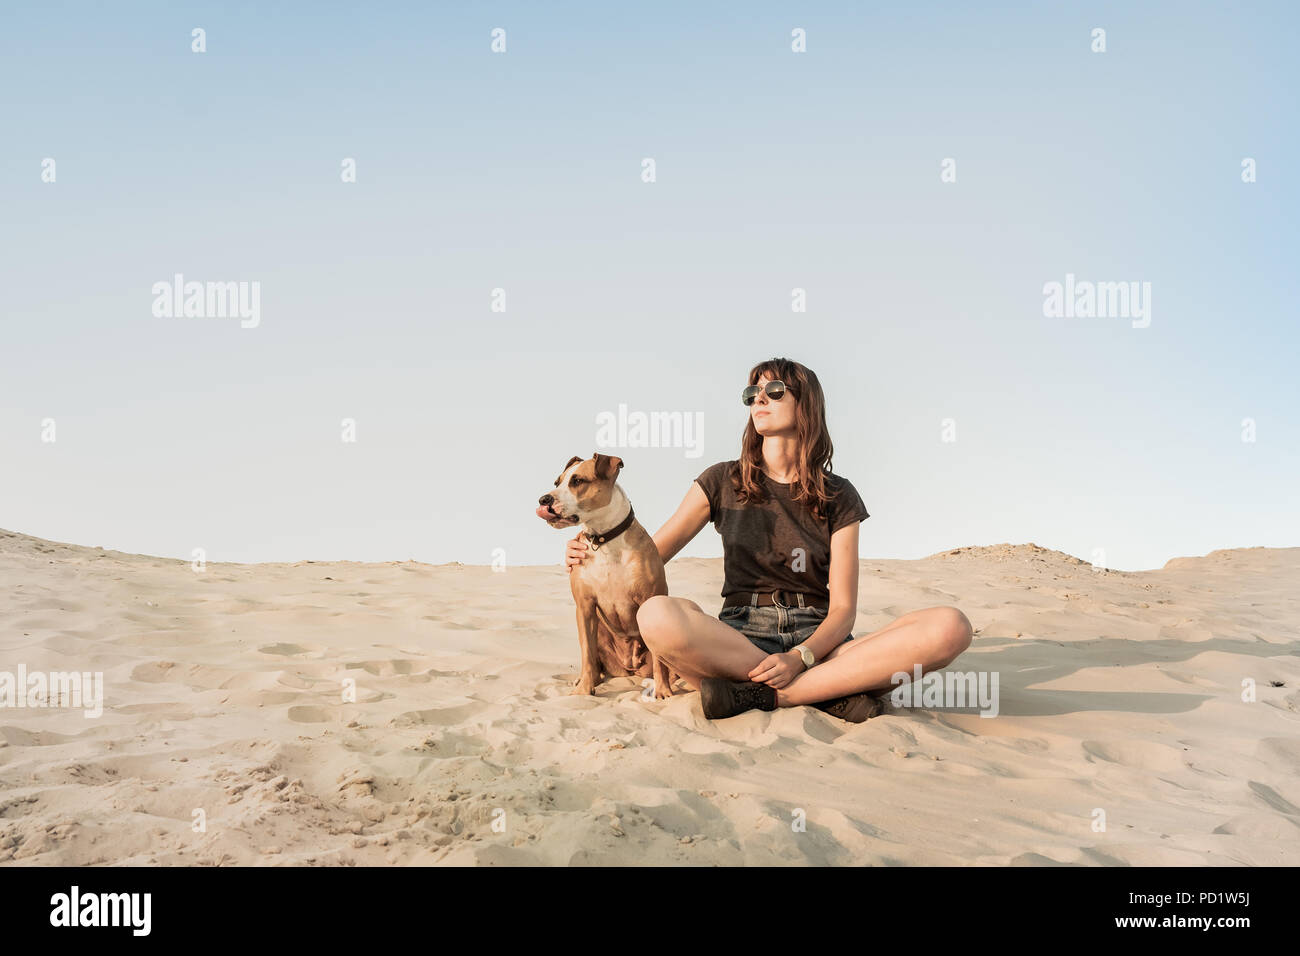 Belle jeune femme à lunettes de câlins avec chien assis sur la plage de sable fin ou sur le désert. Fille dans des vêtements de randonnée et Staffordshire terrier puppy stit Banque D'Images